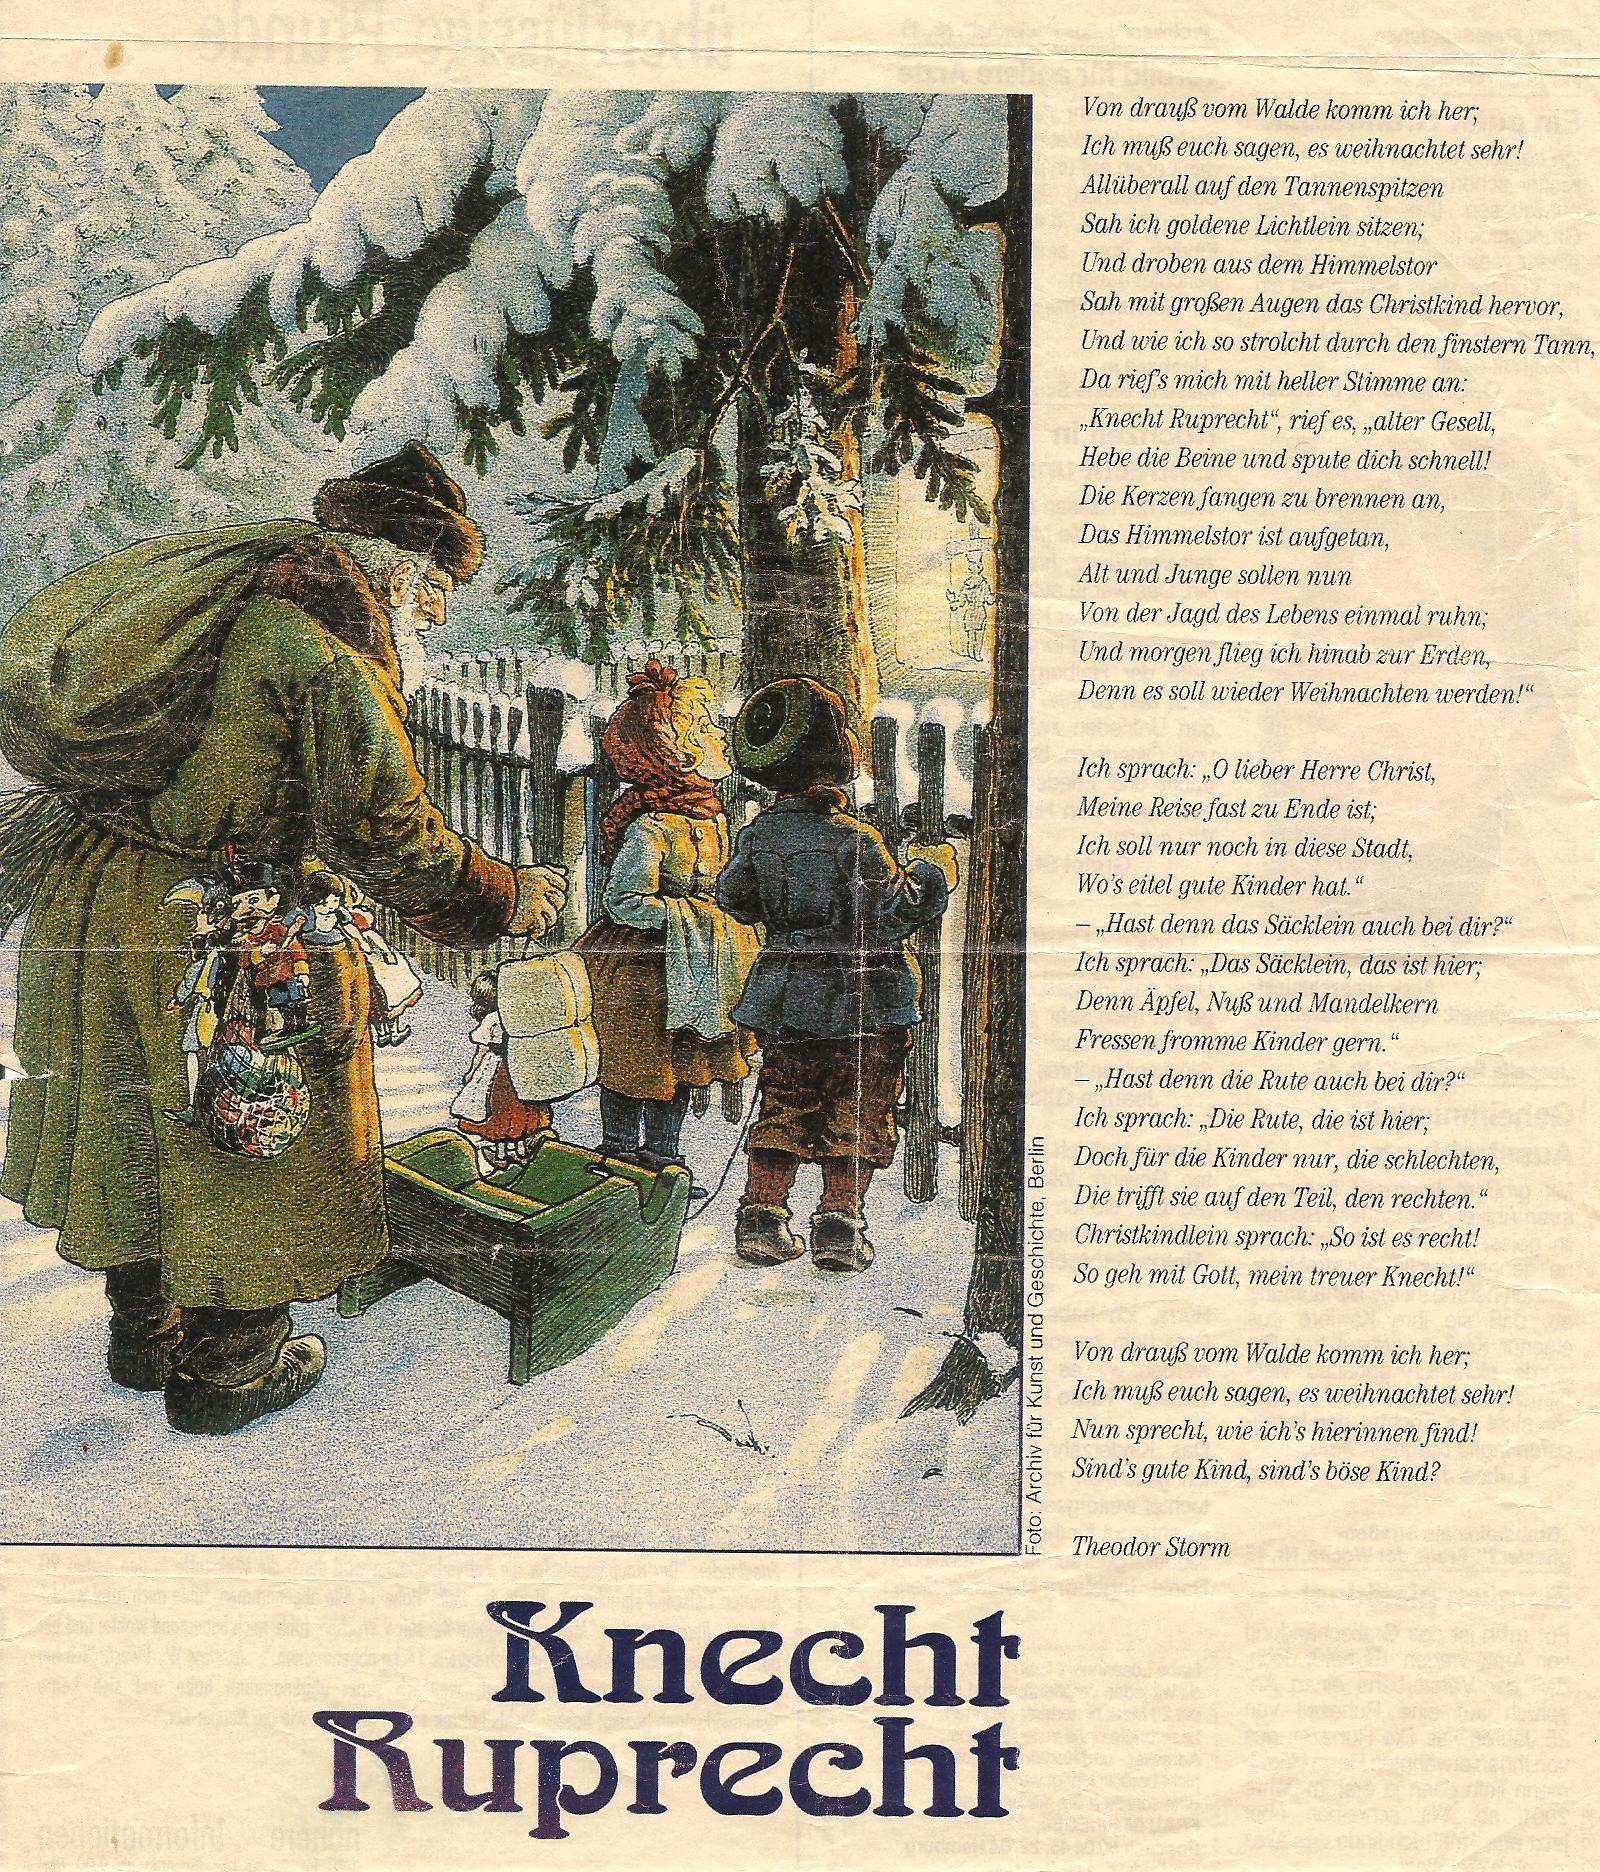 Knecht Ruprecht I Love It Weihnachten Film Gedicht Weihnachten Liebe Weihnachten